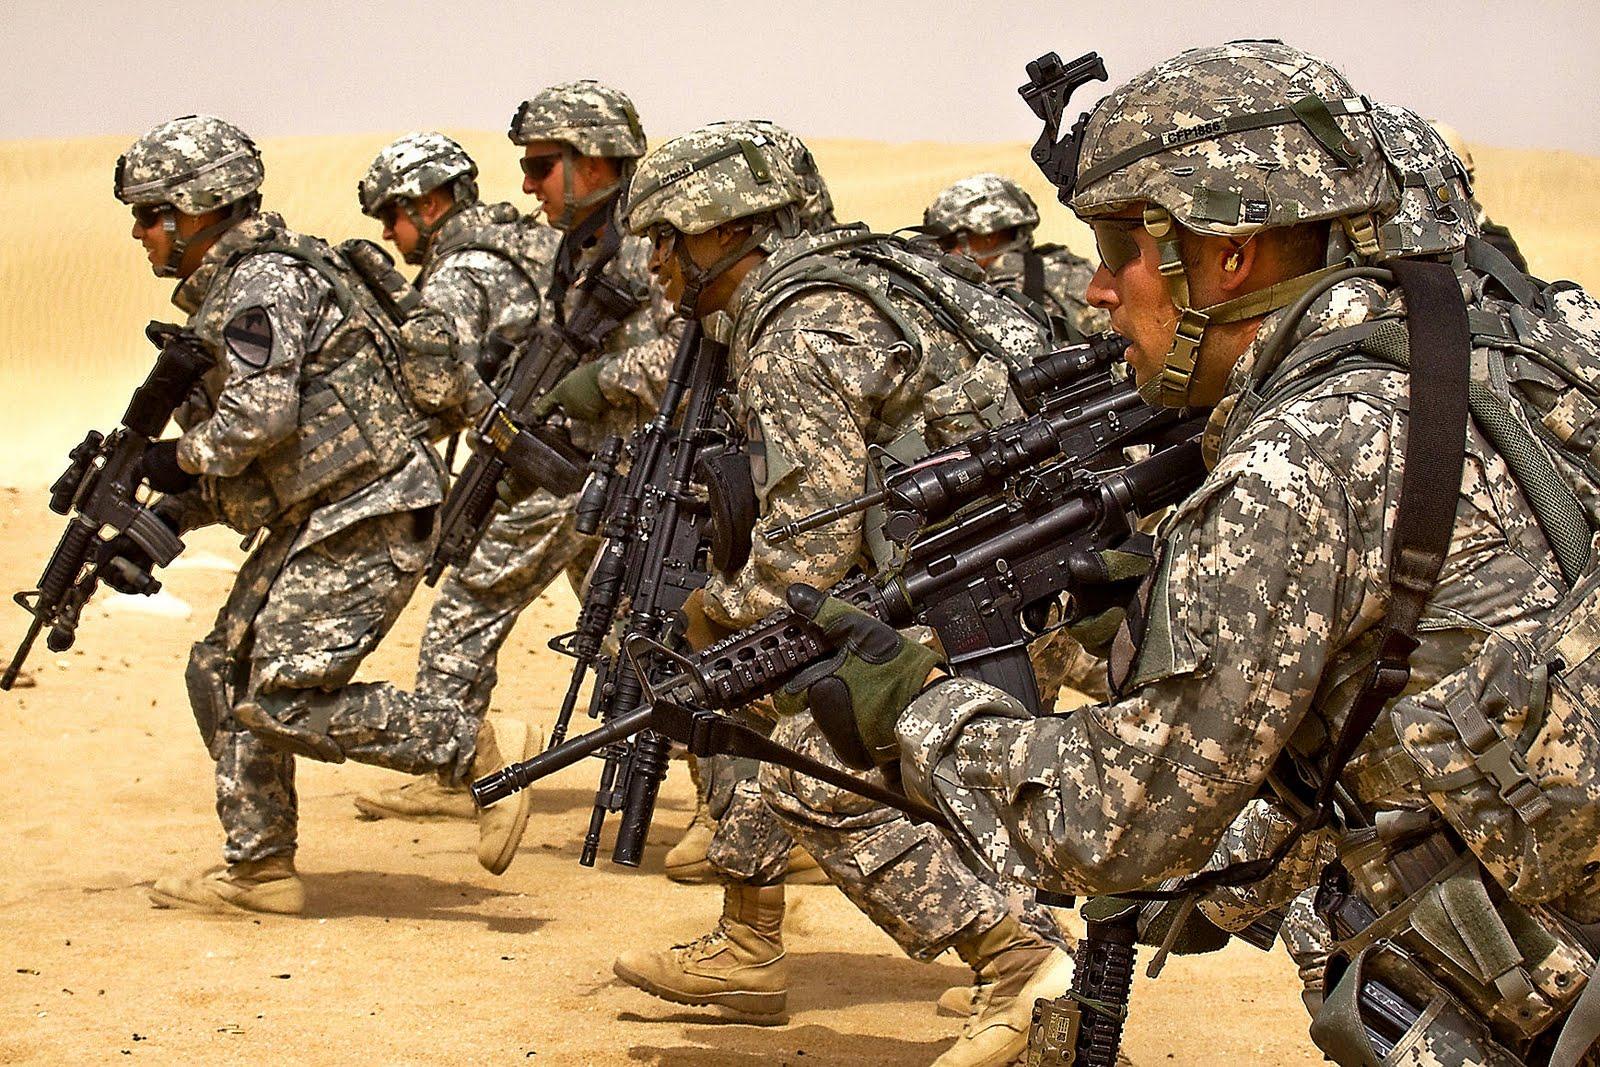 Камуфляж - маскировочная раскраска для военных